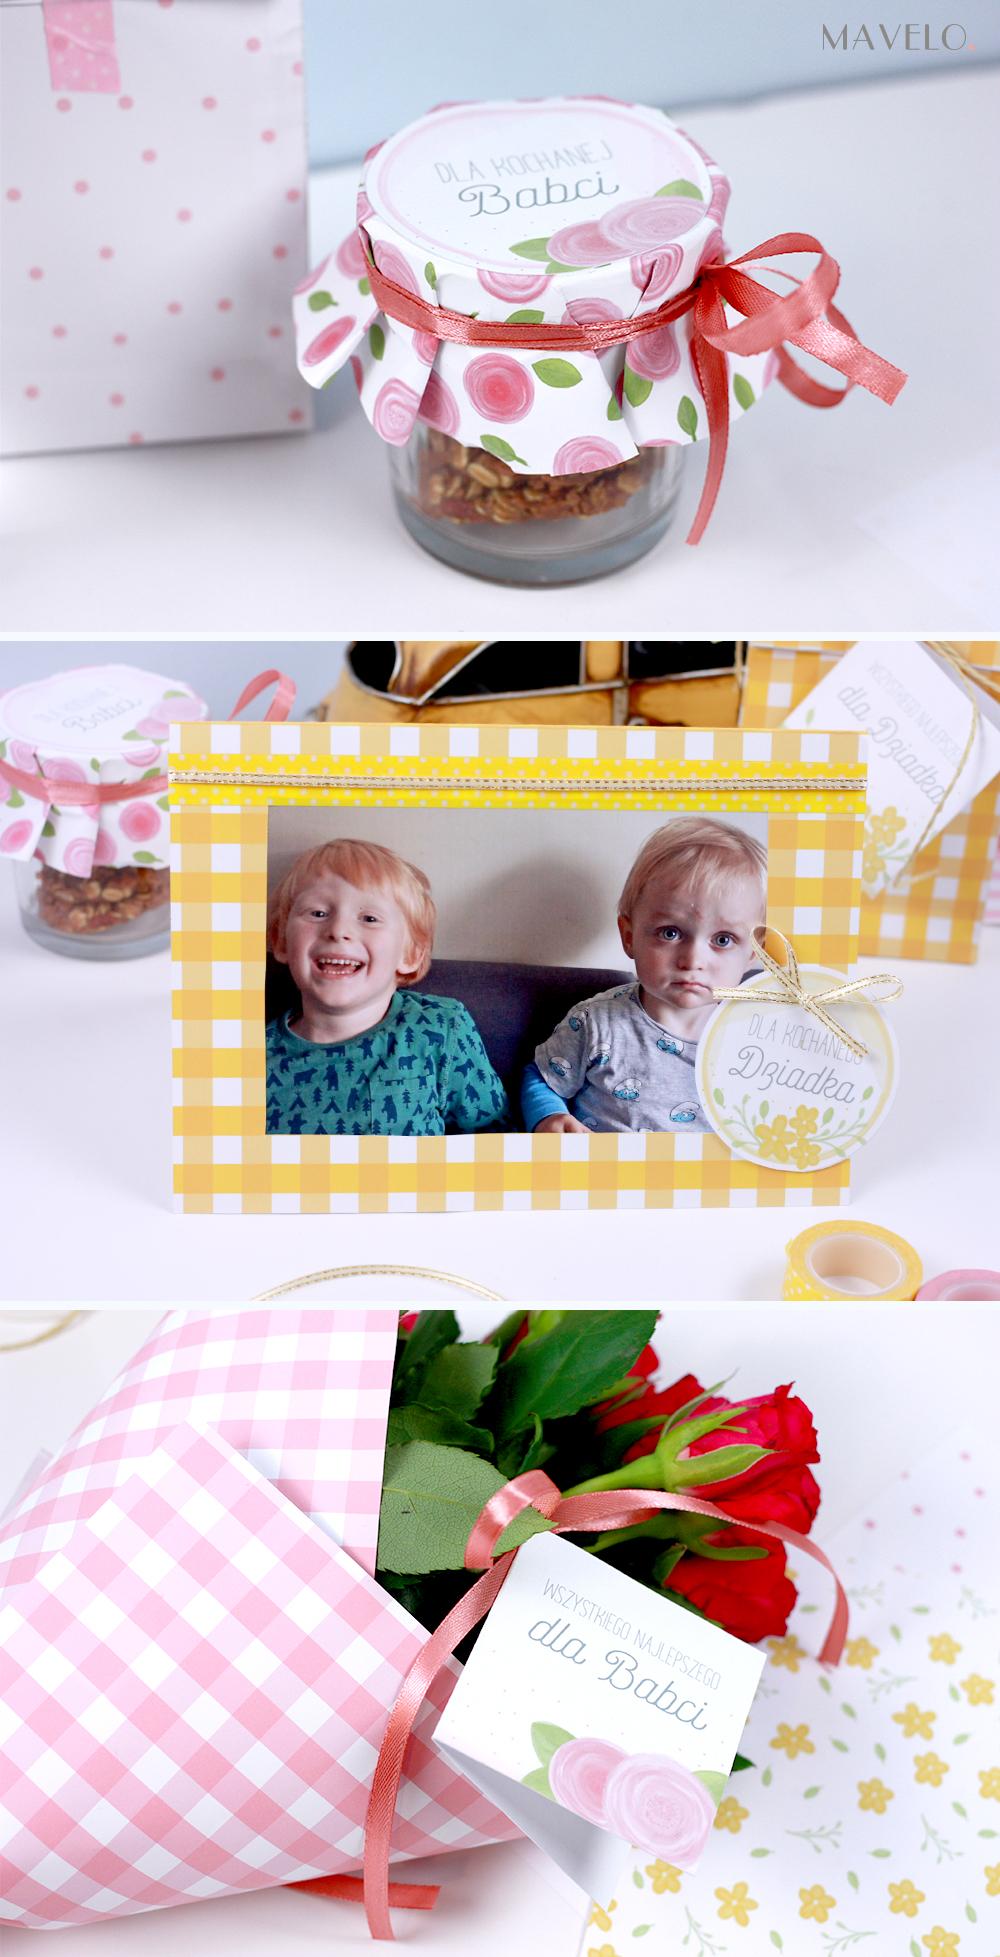 prezent na dzień babci i dzień dziadka - wydrukuj